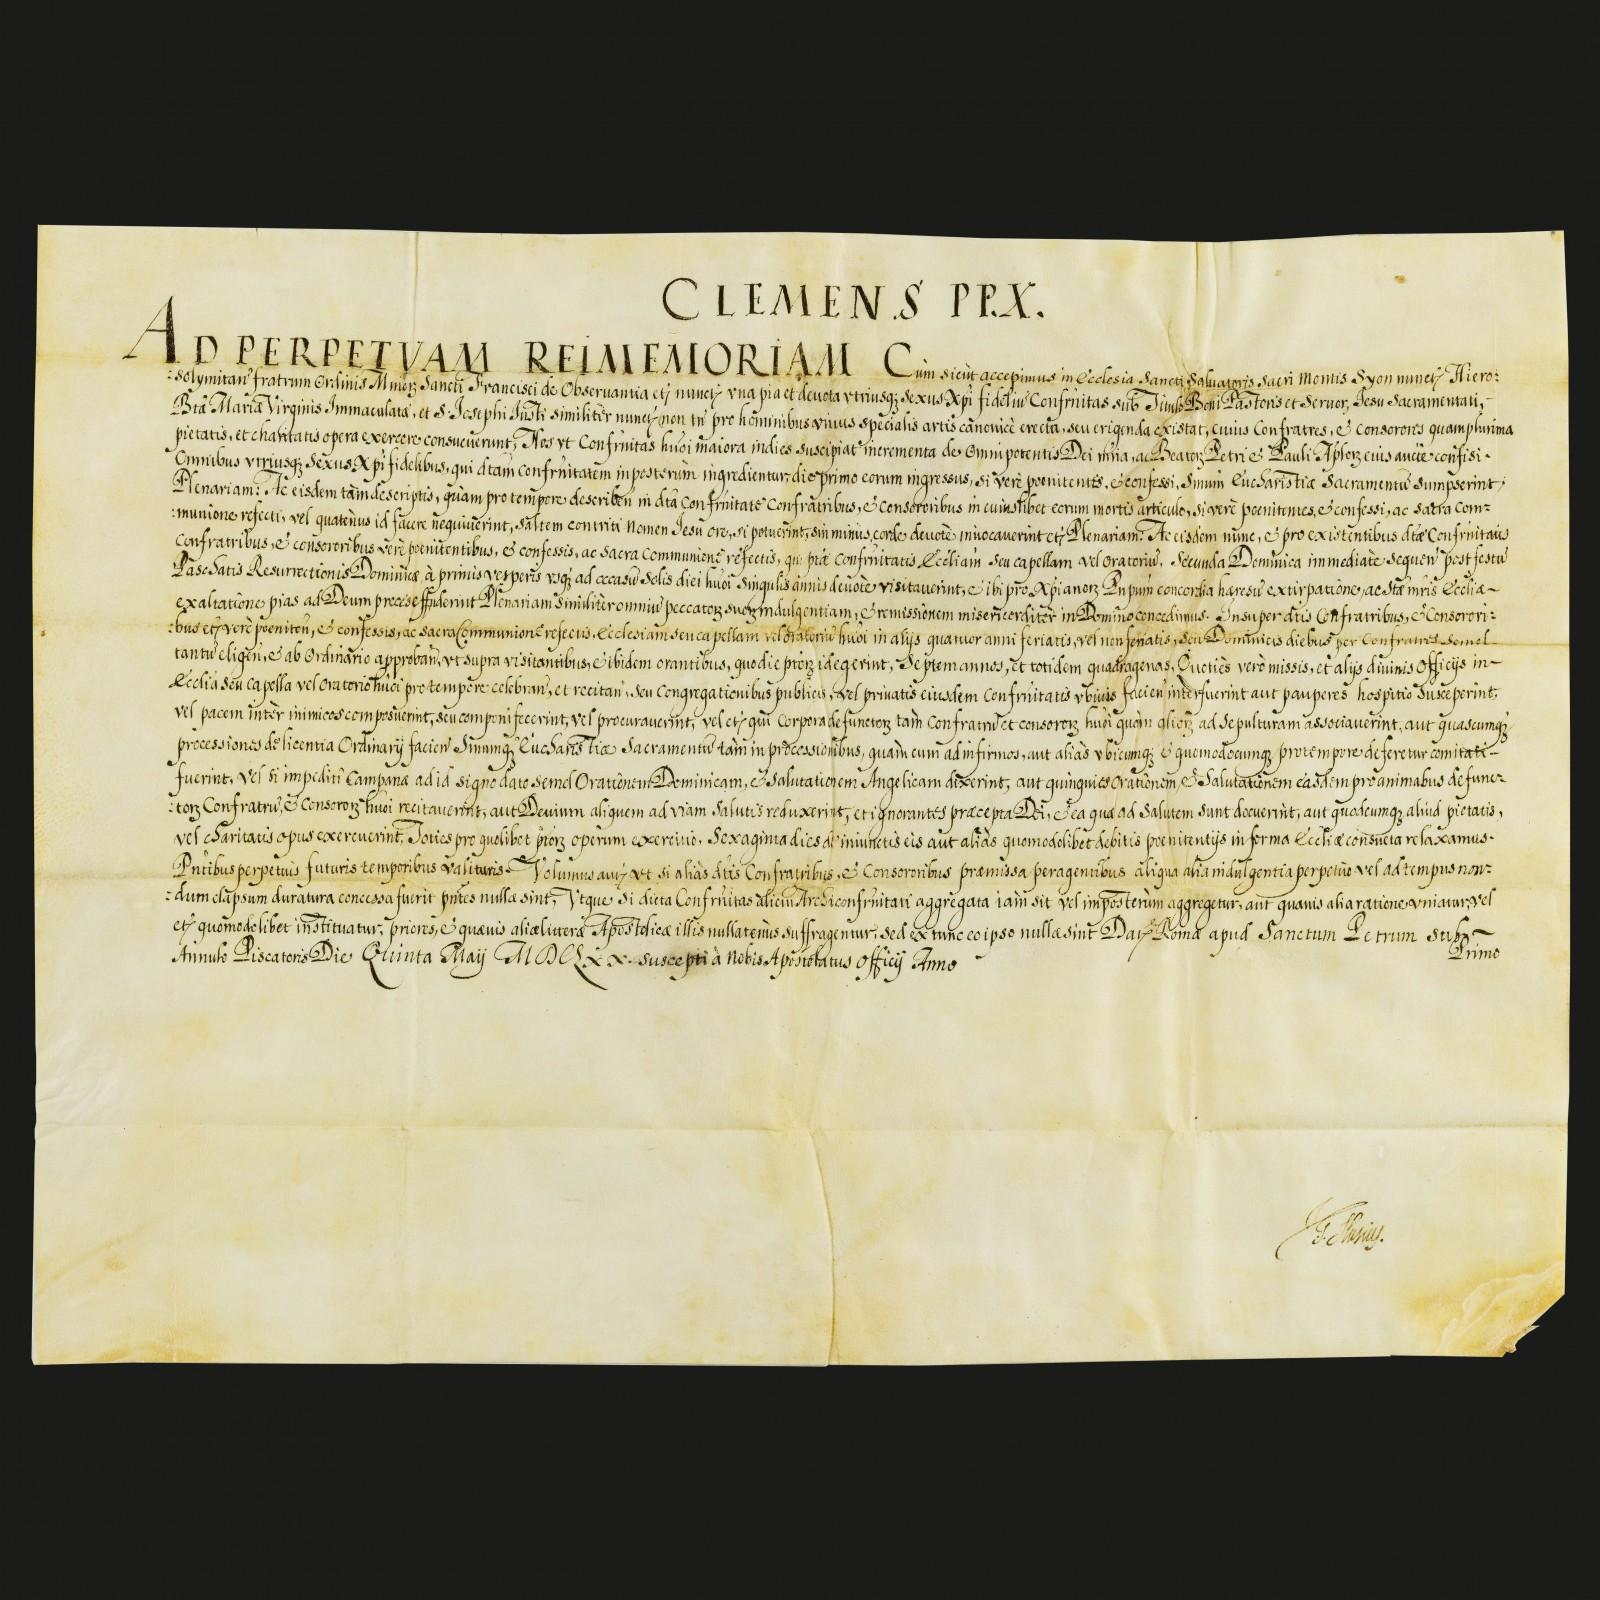 Bolla di Clemente X